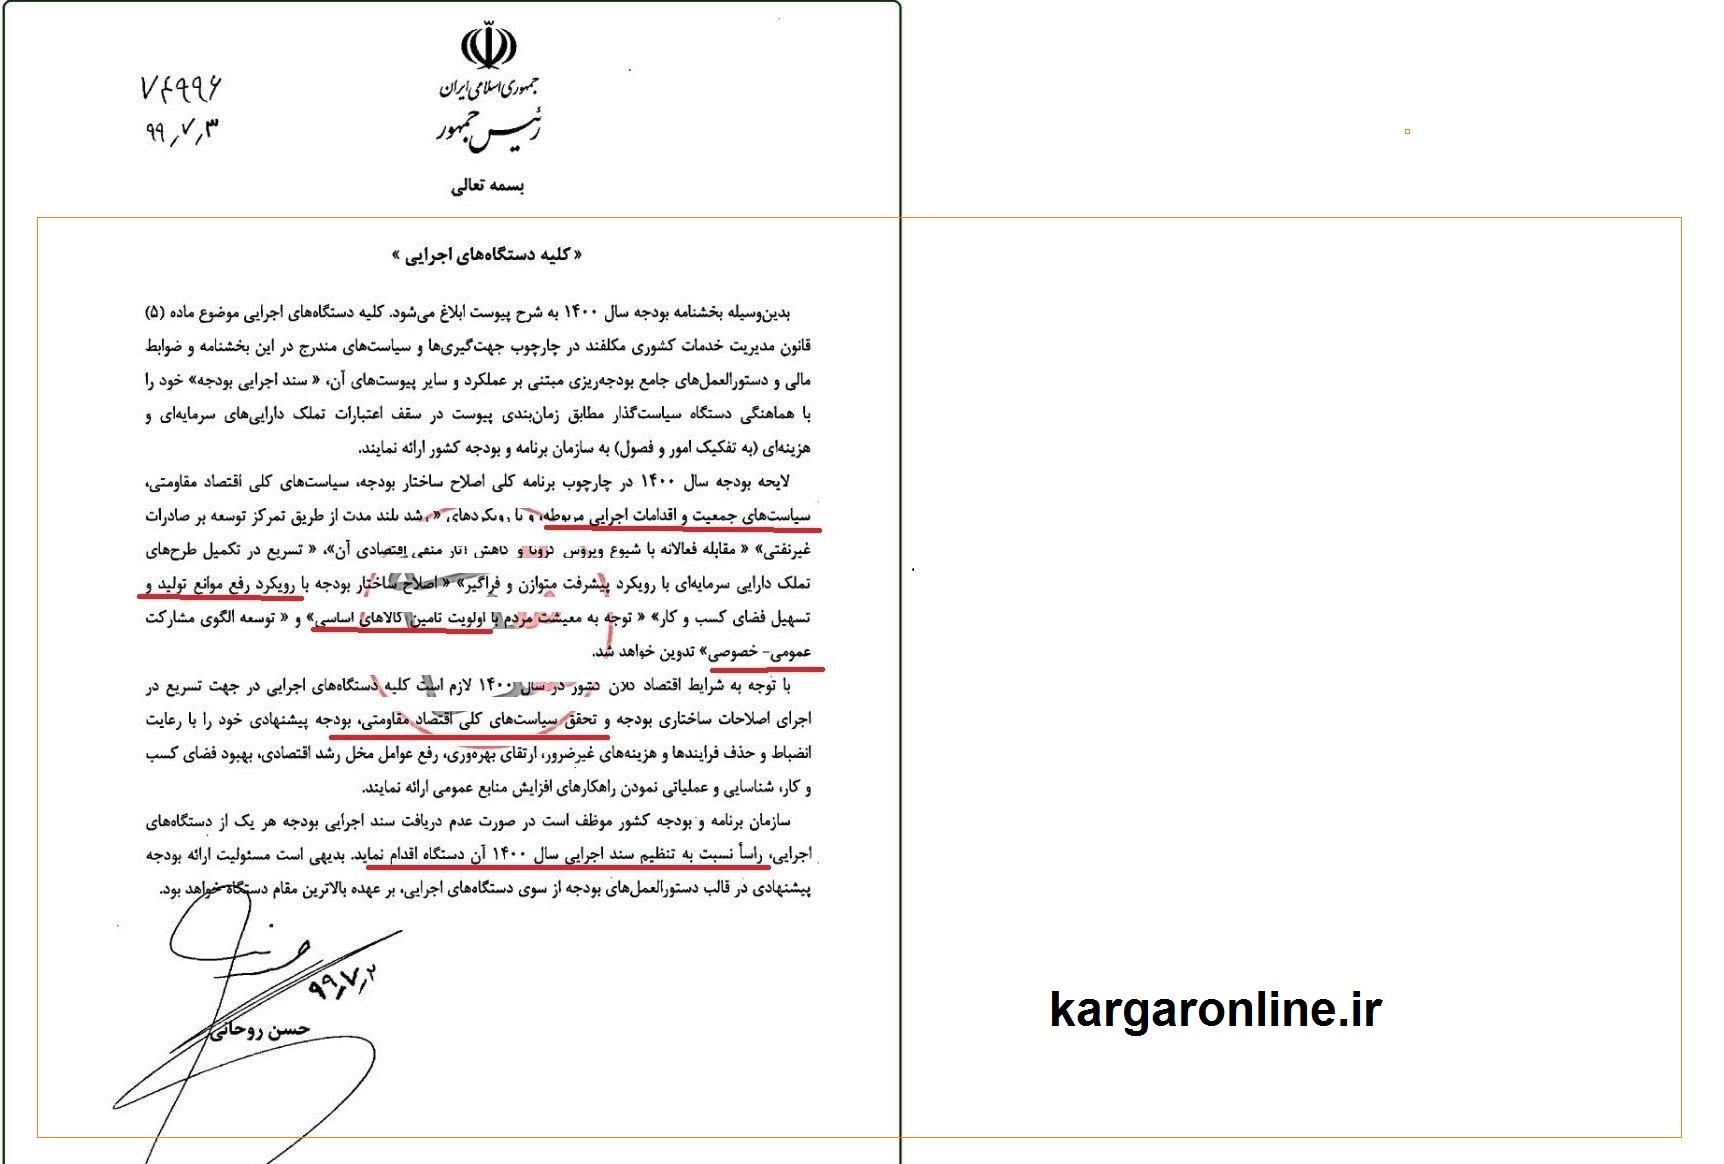 توسط رئیس جمهور؛بخشنامه بودجه ۱۴۰۰ با رویکرد معیشتی ابلاغ شد+تعیین حقوق کارگران و کارمندان